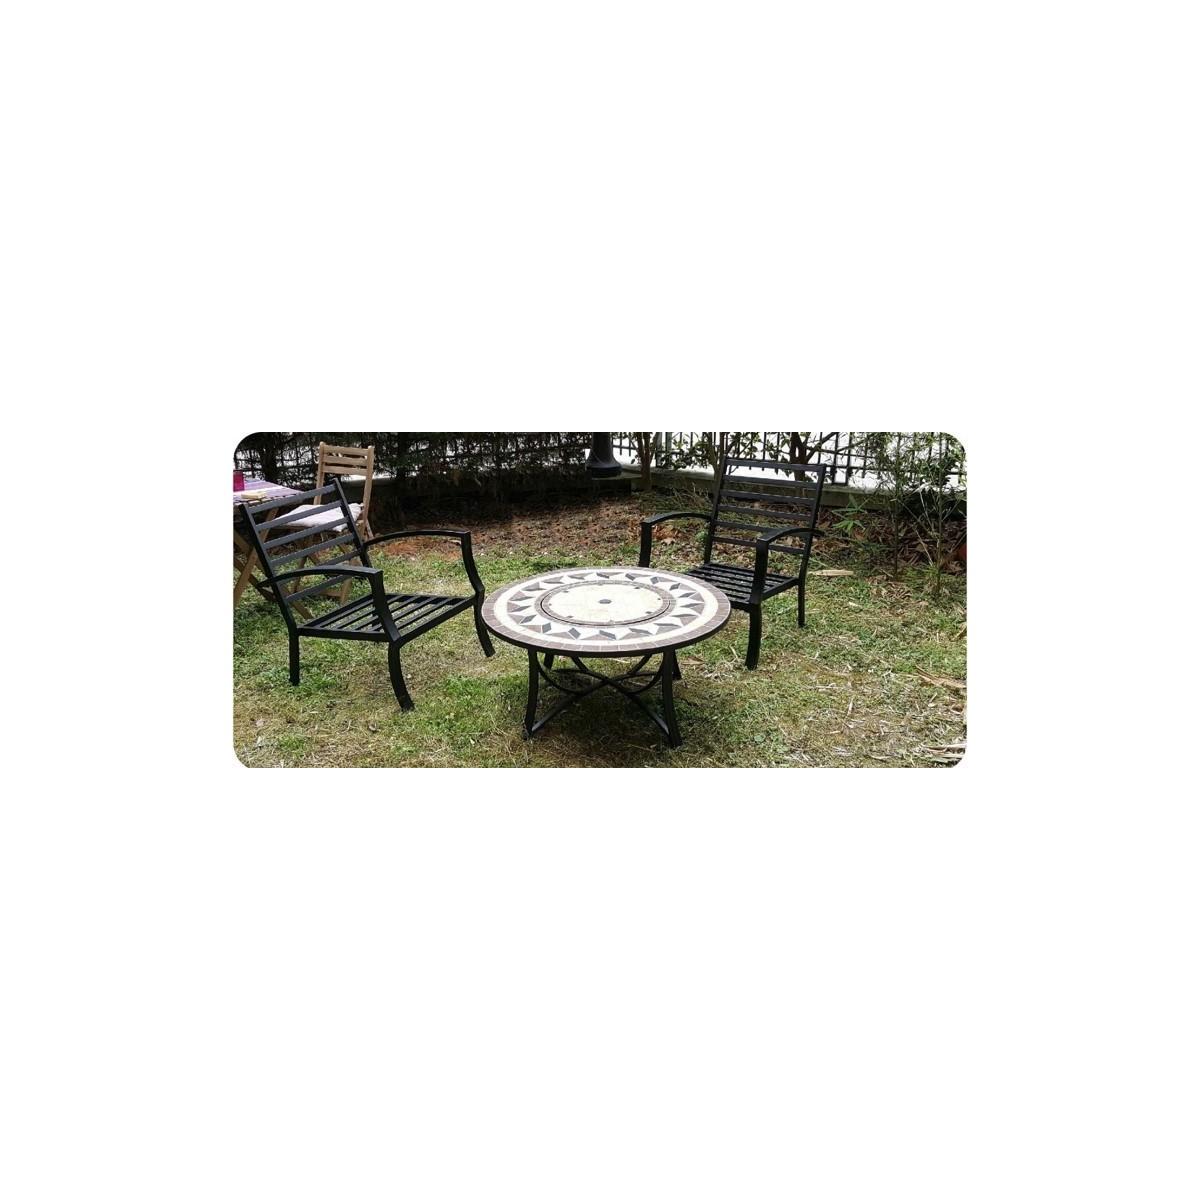 salon de jardin table basse ronde 4 chaises filae aspect fer forge et mosaique noir beige amp story 4092